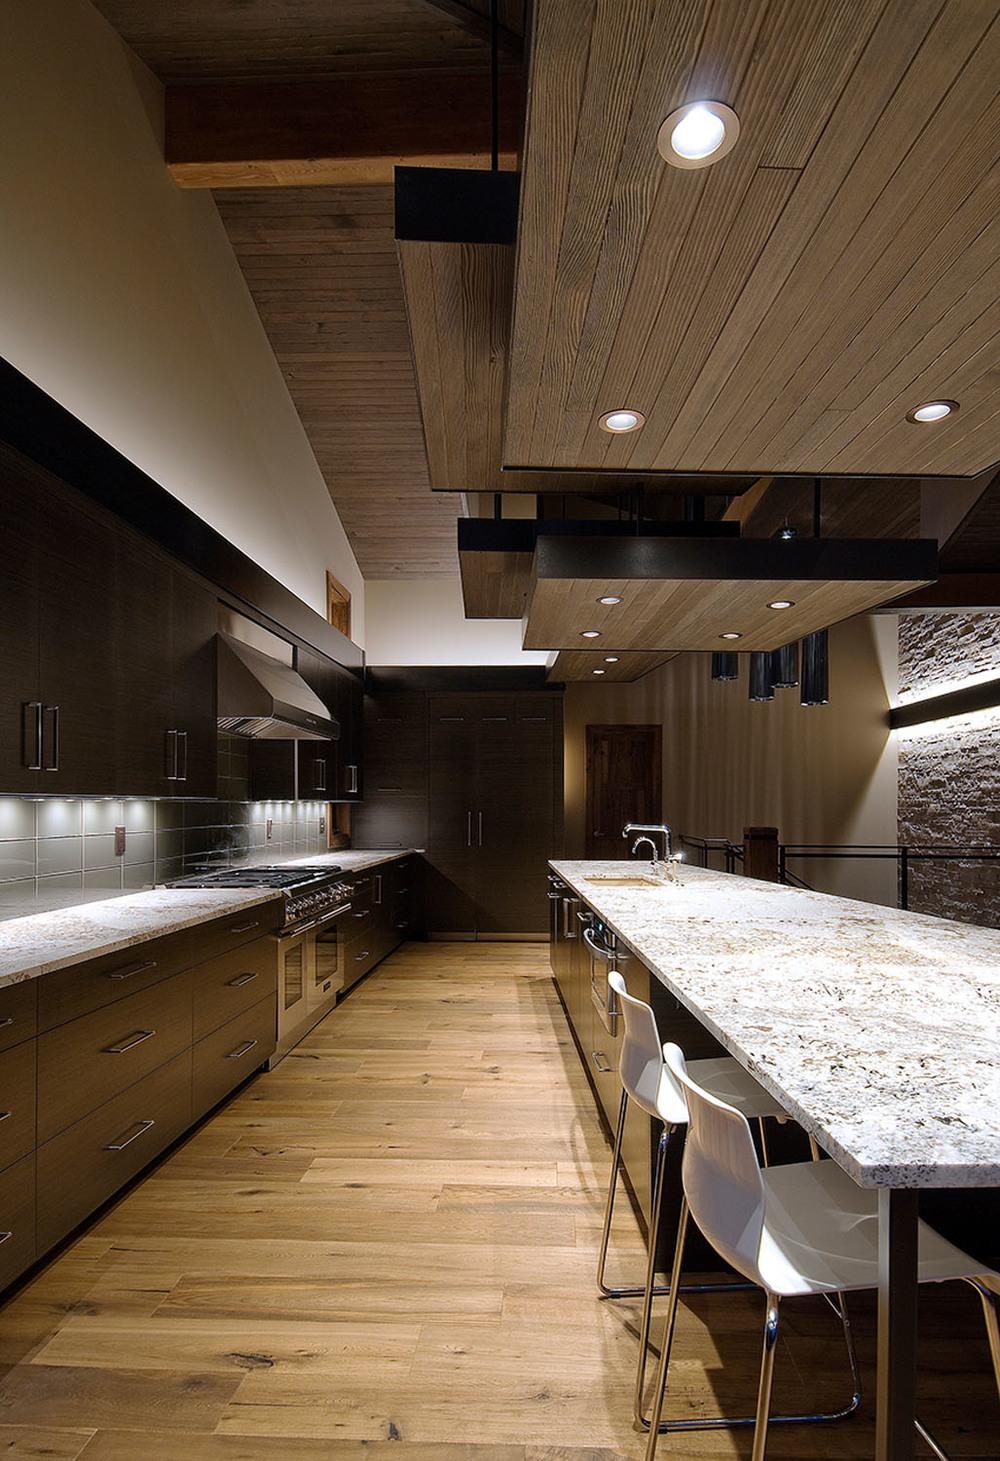 heavenly_kitchen_linear.jpg